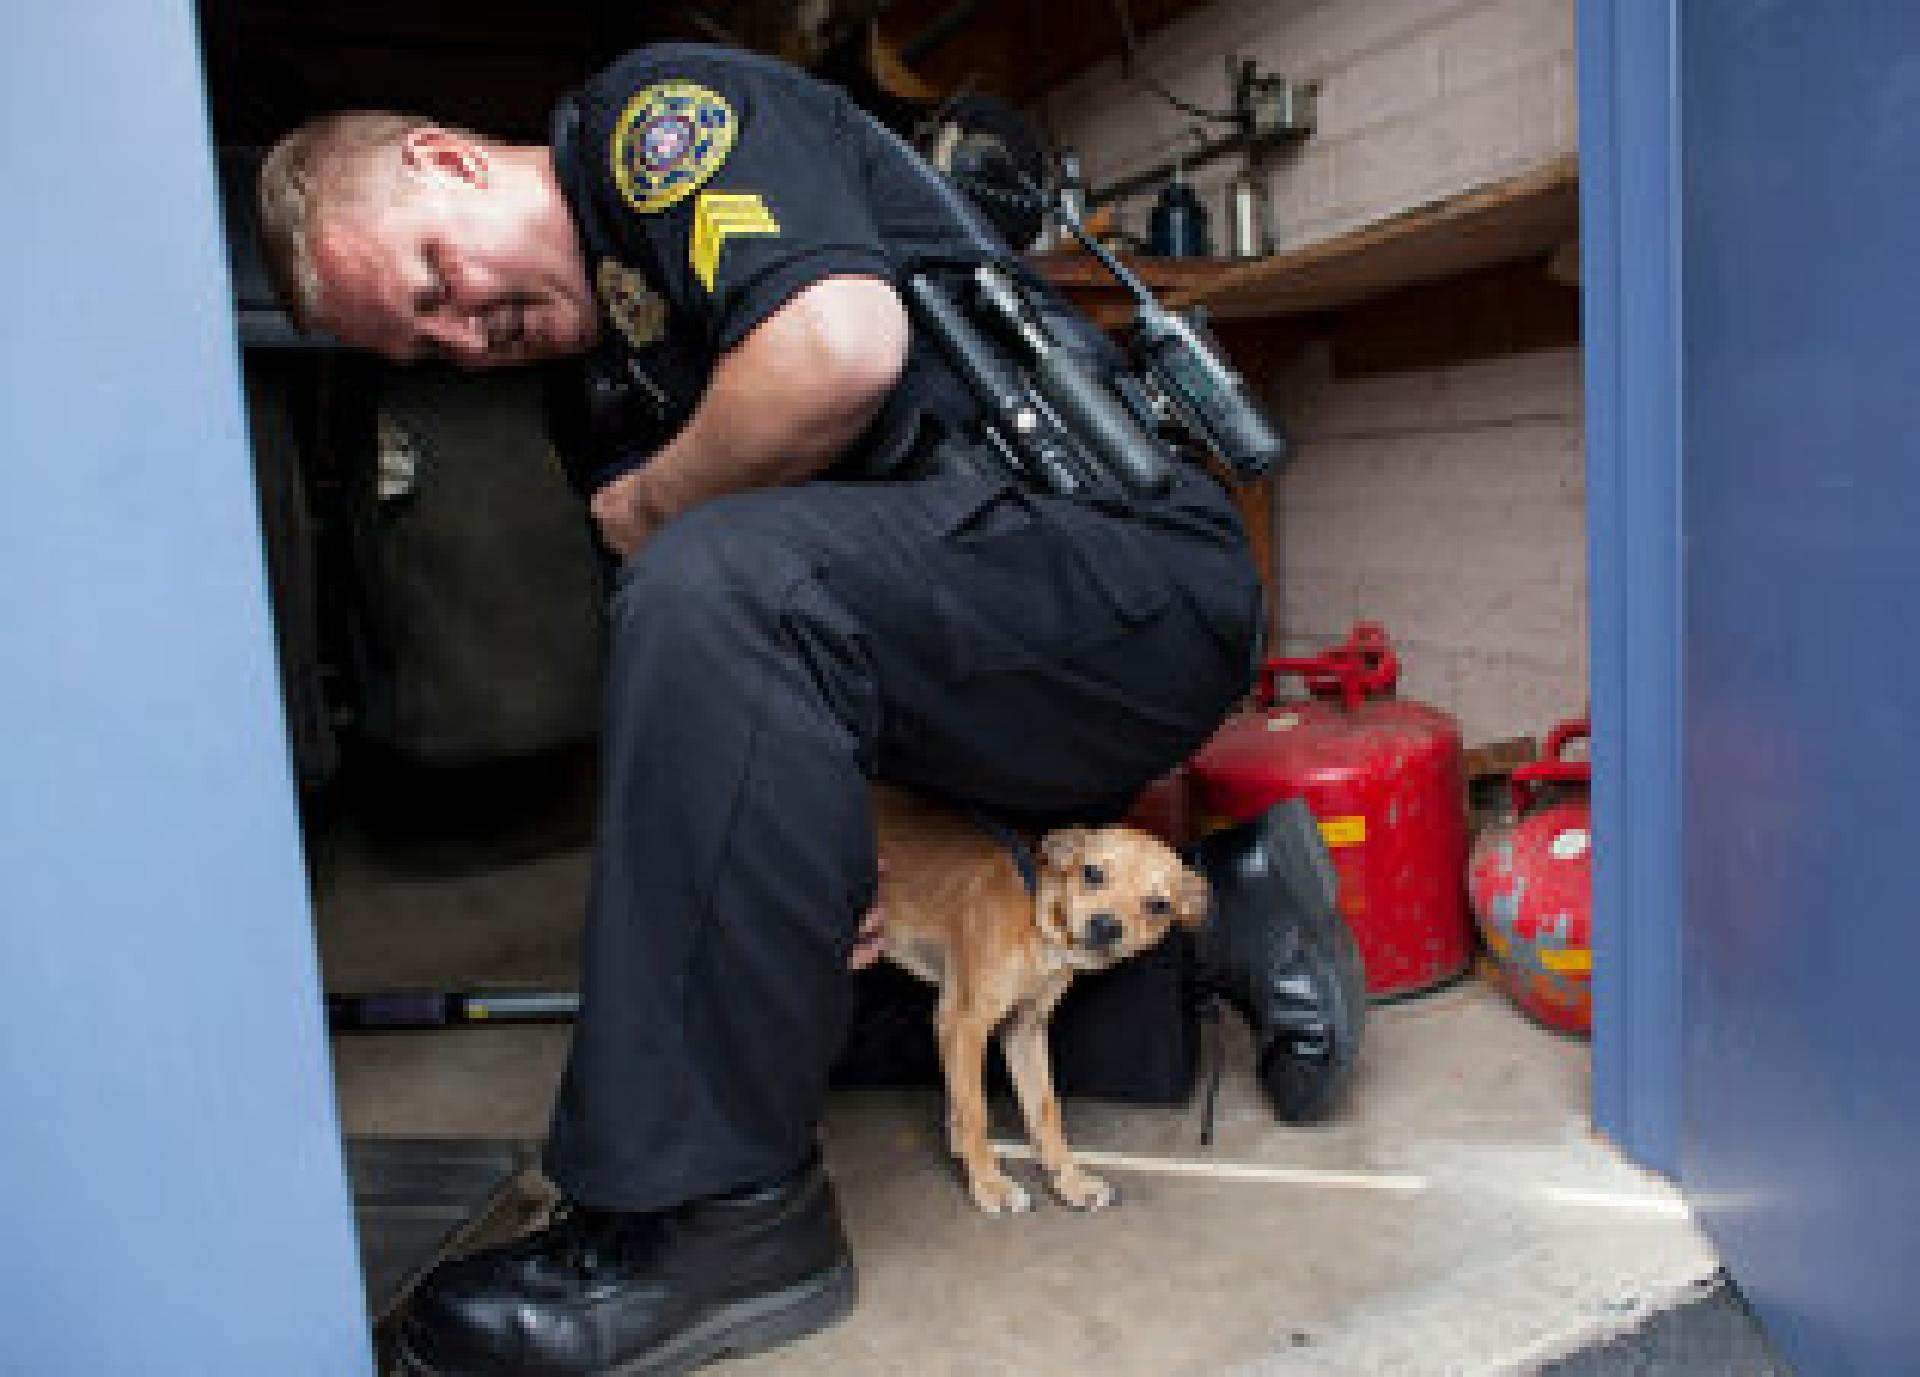 Sgt. True läßt einen streunenden Chihuahua-Mix aus einem Heizungsraum